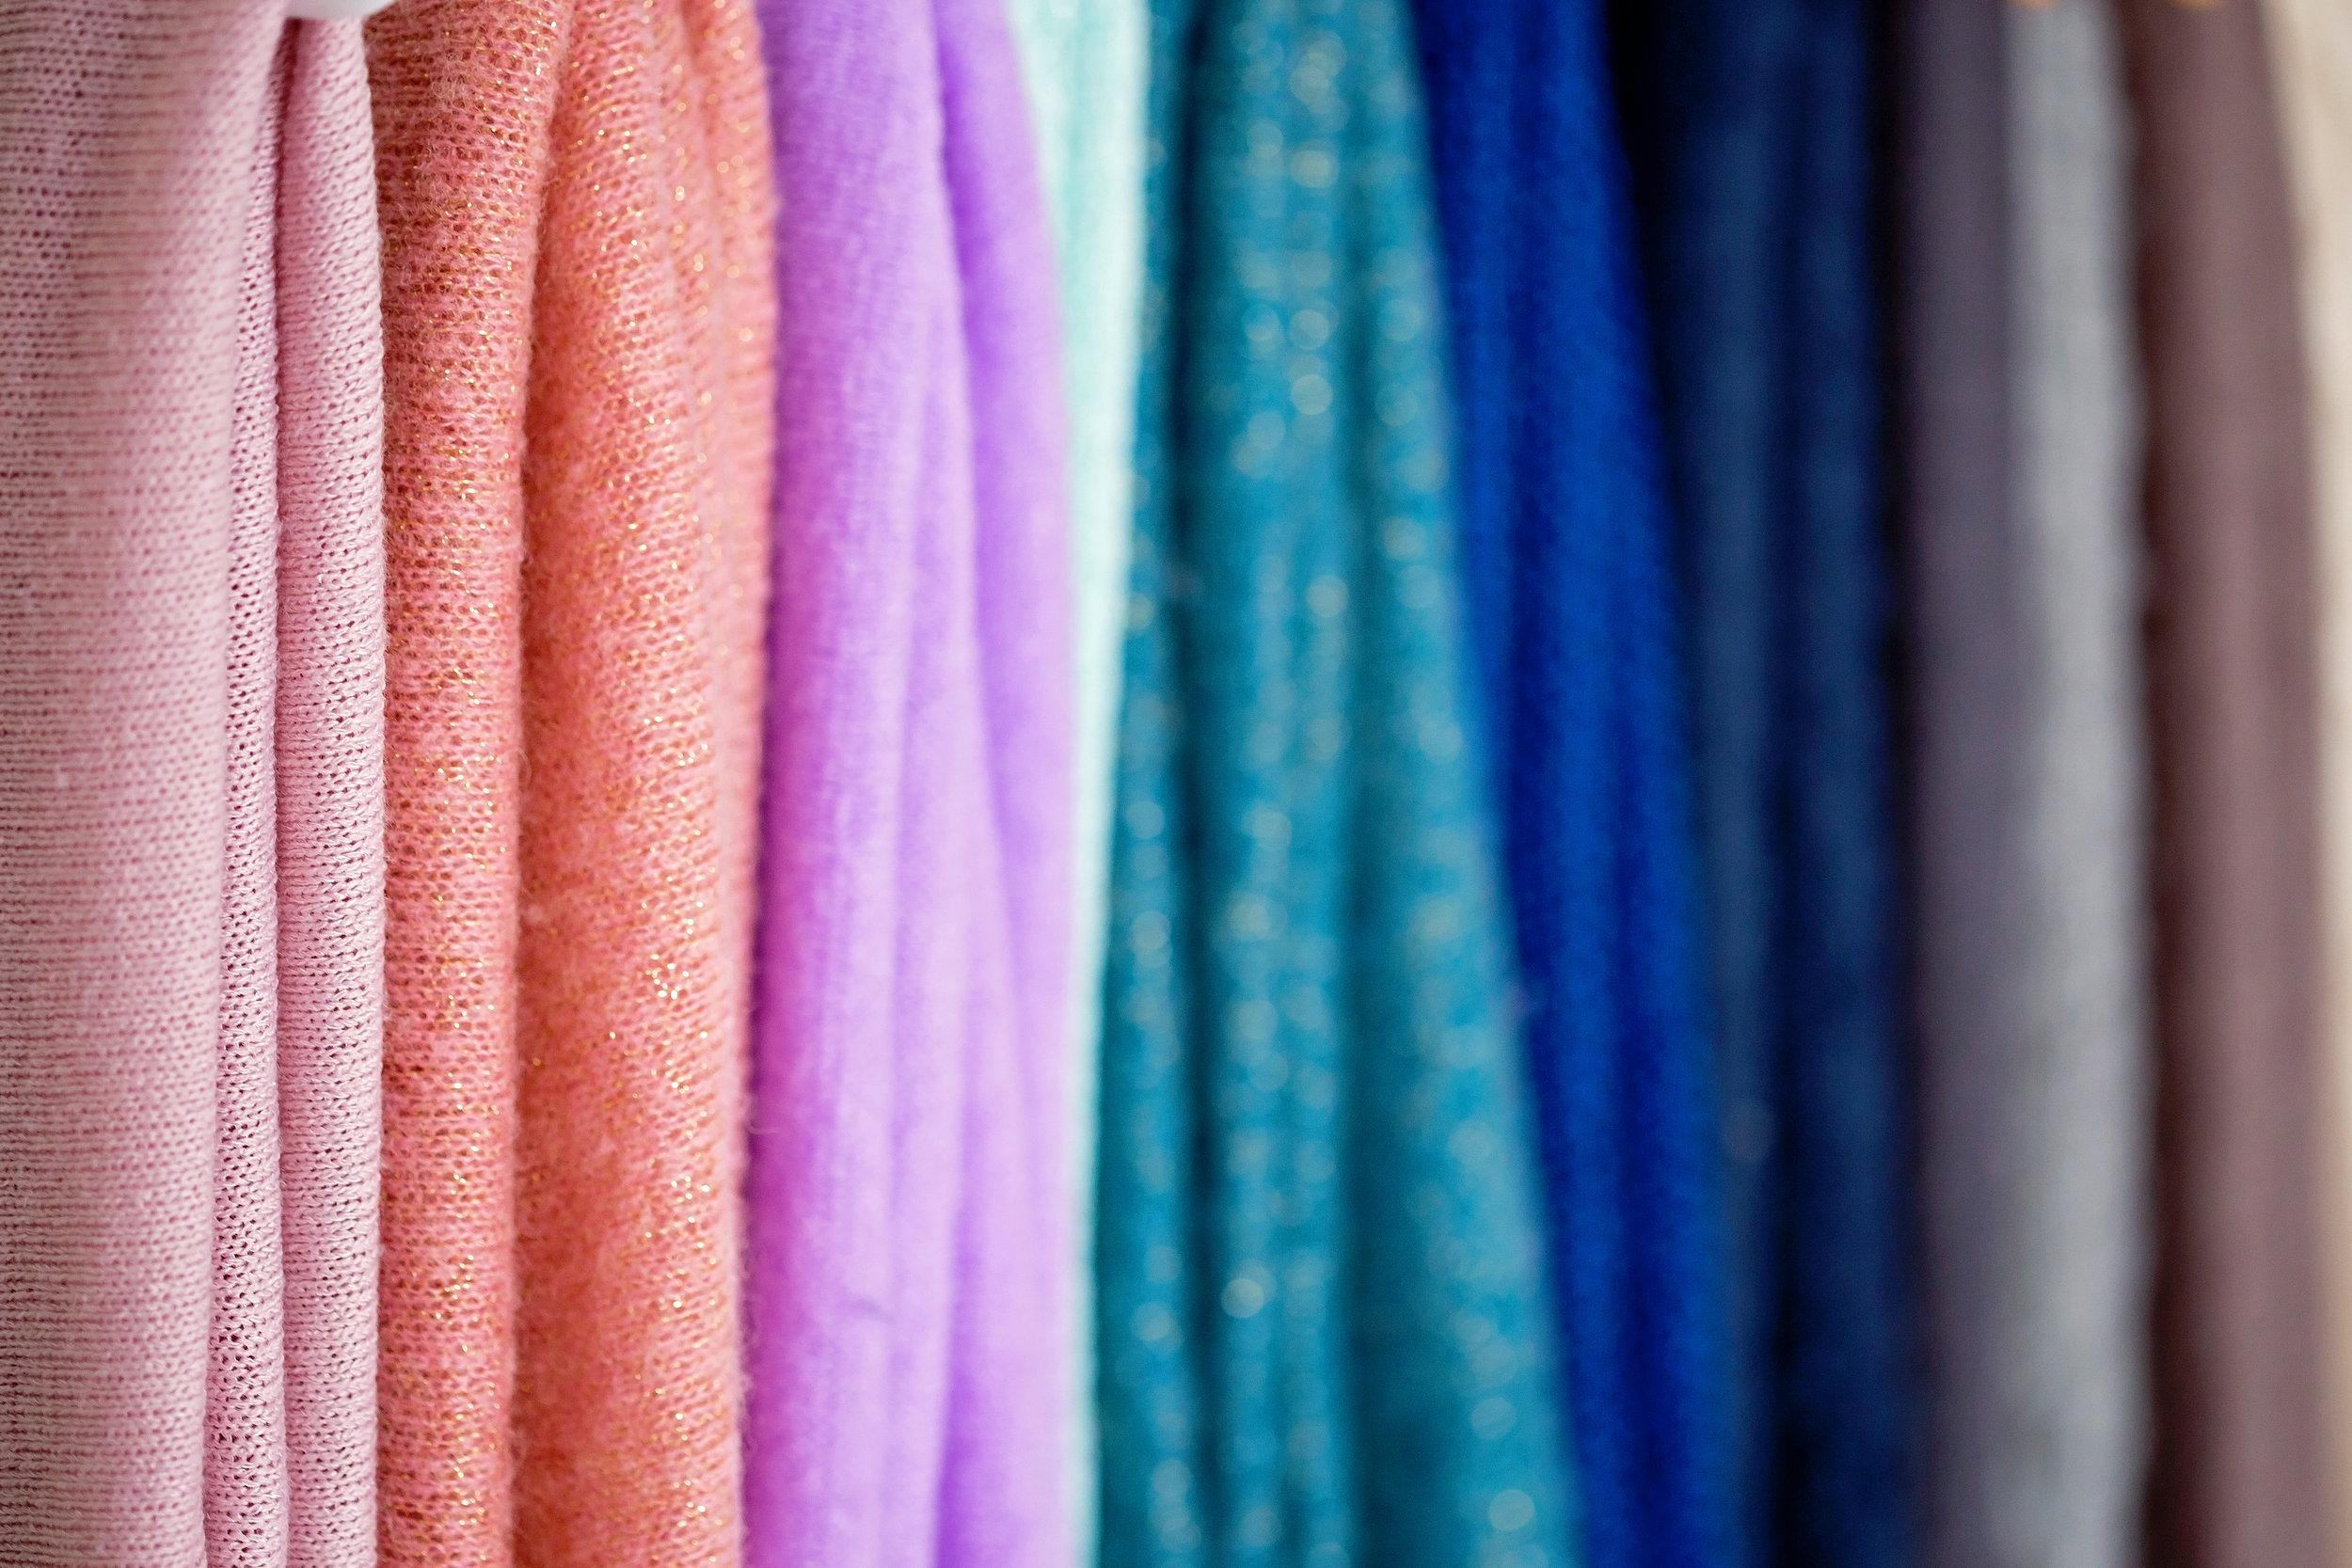 blankets_Studio011.jpg